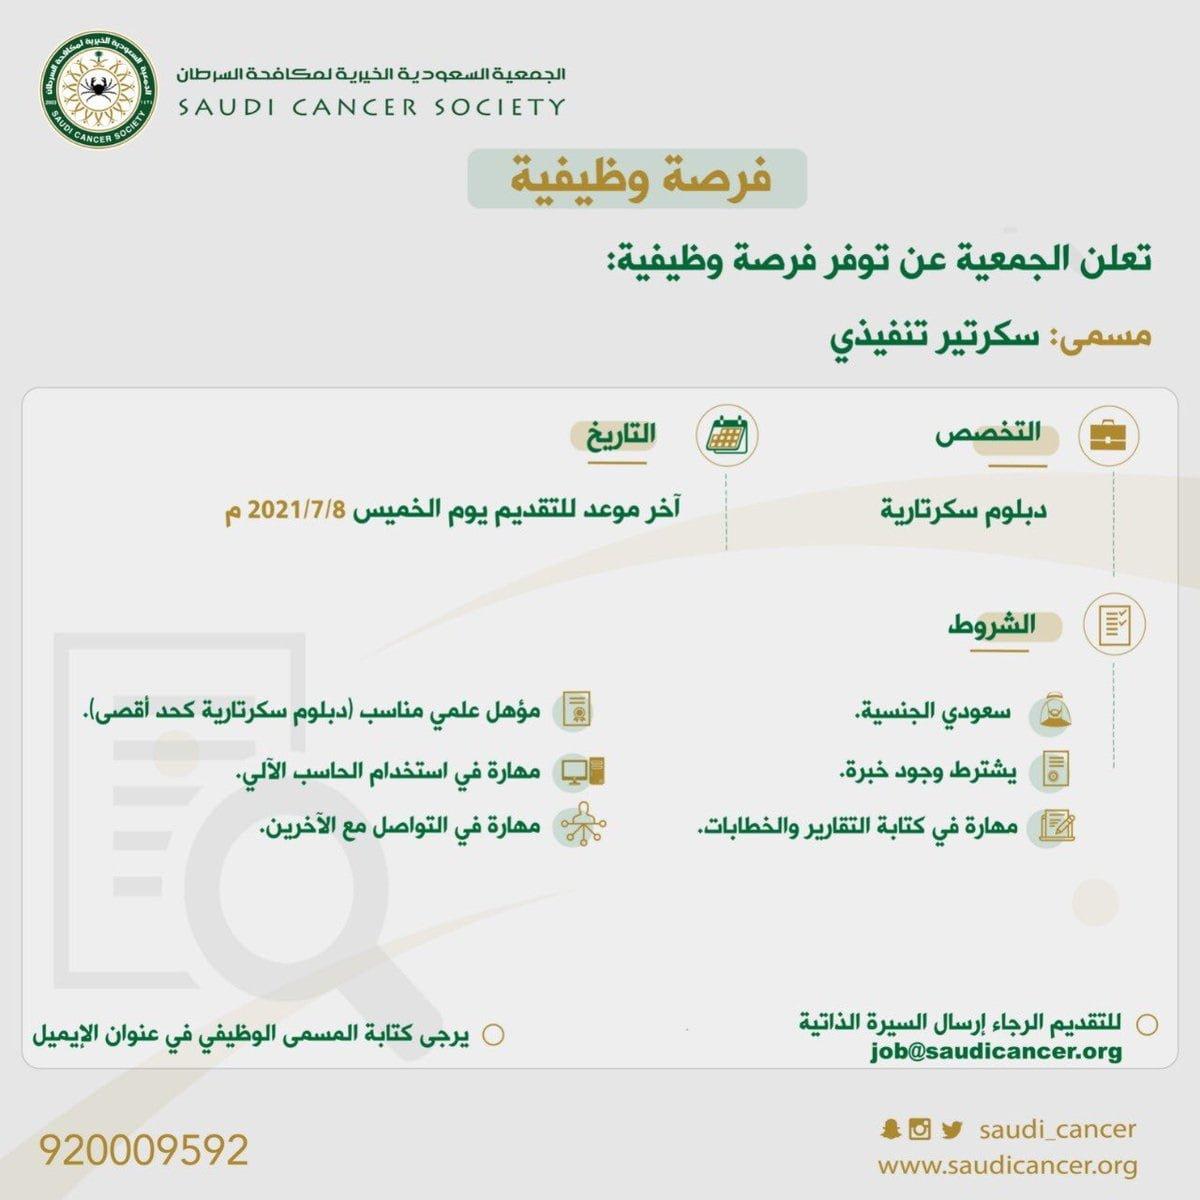 وظيفة إدارية بمجال السكرتارية لدى الجمعية السعودية لمكافحة السرطان بالرياض 3